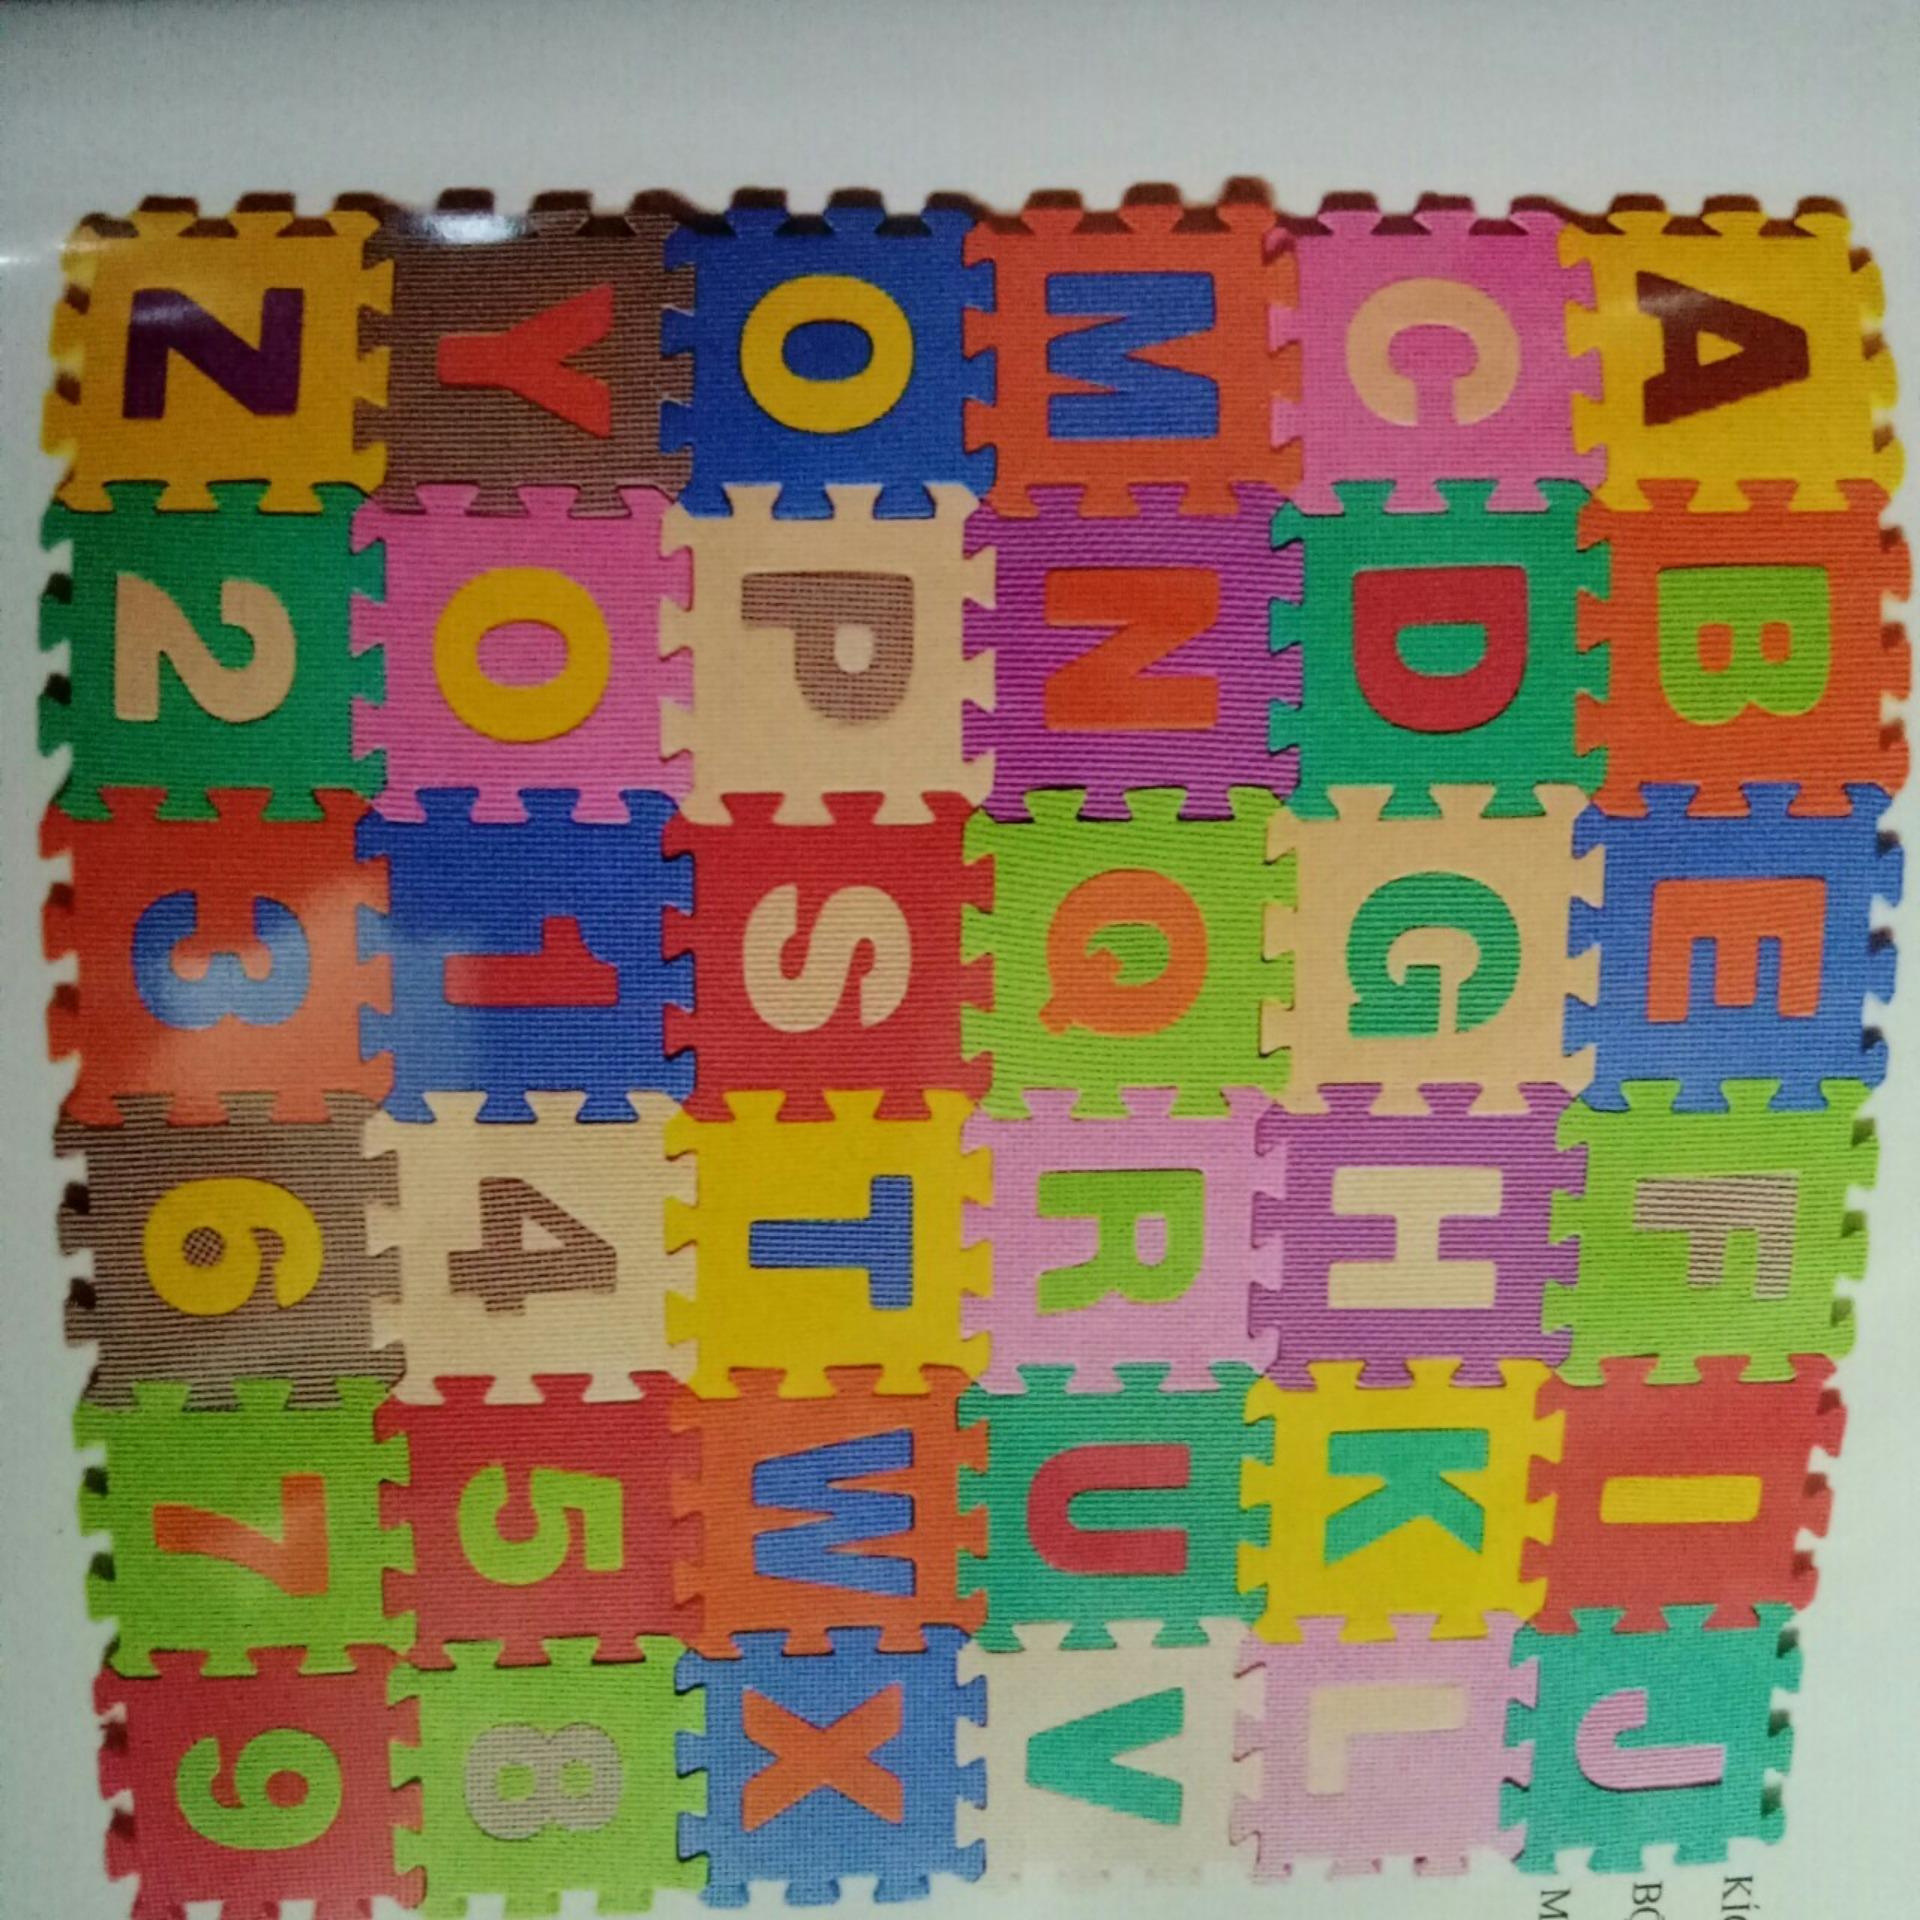 Bộ 40 Miếng Thảm Xốp Mềm Lót Sàn gồm chữ cái và số đếm cho Bé